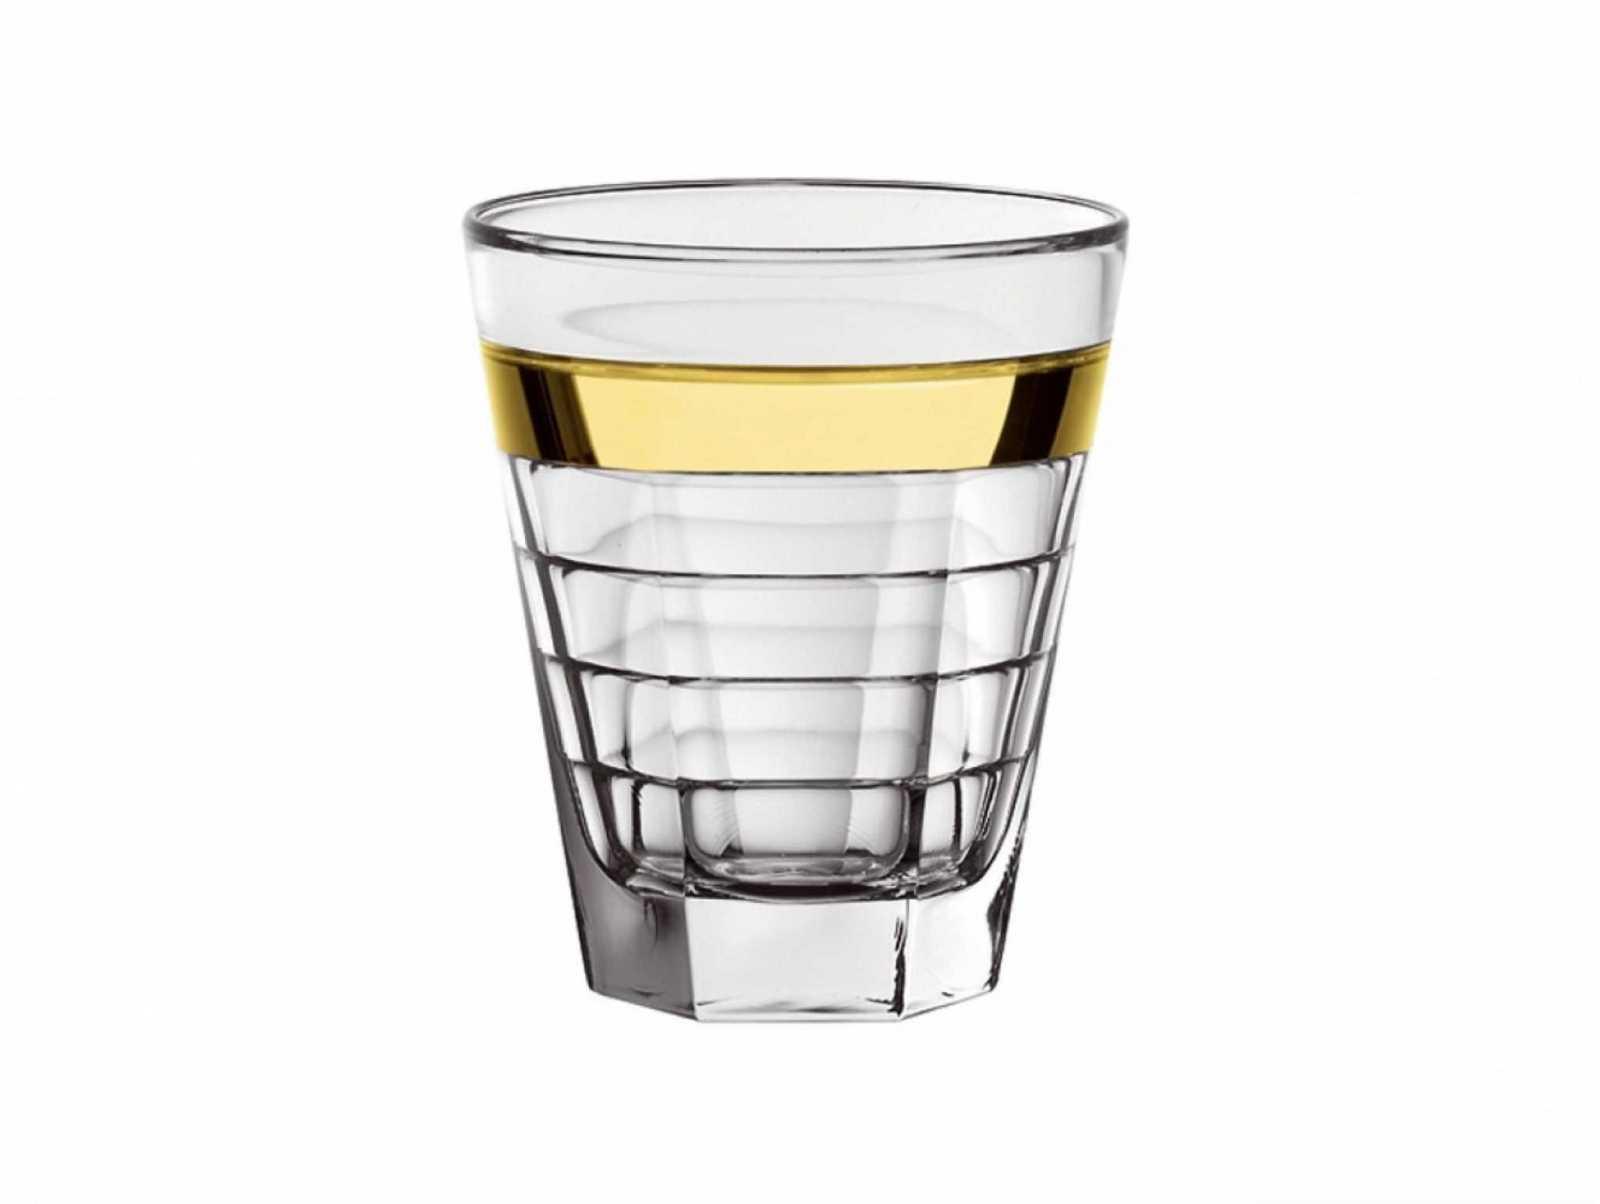 Онлайн каталог PROMENU: Стакан для воды/сока стеклянный Vidivi BAGUETTE, объем 0,28 л, высота 10 см, прозрачный Vidivi 64427EM